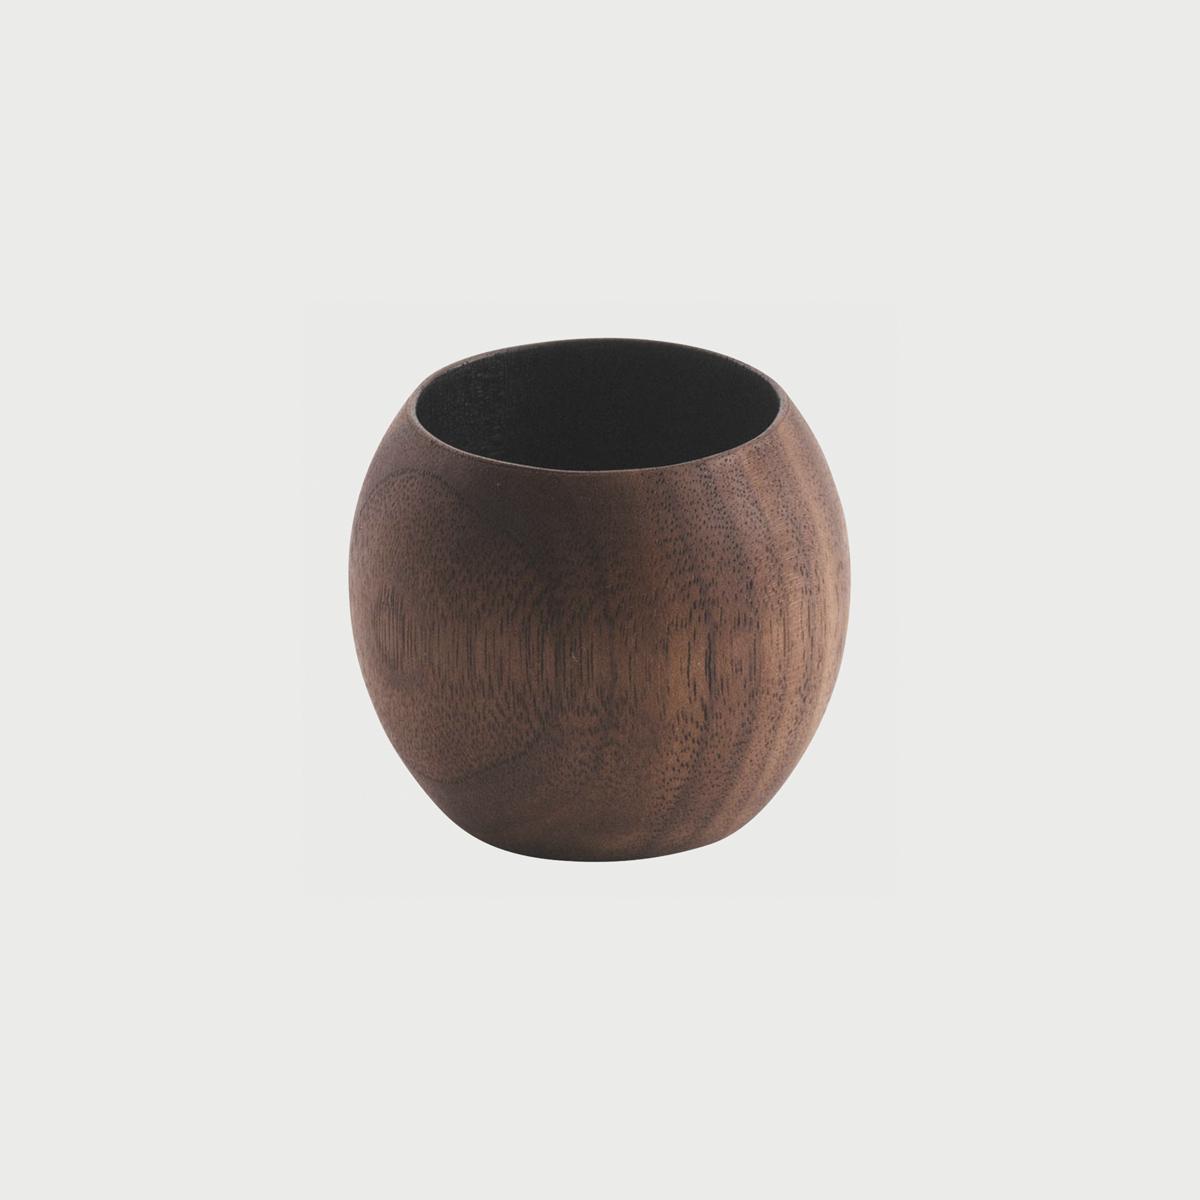 Spherecup